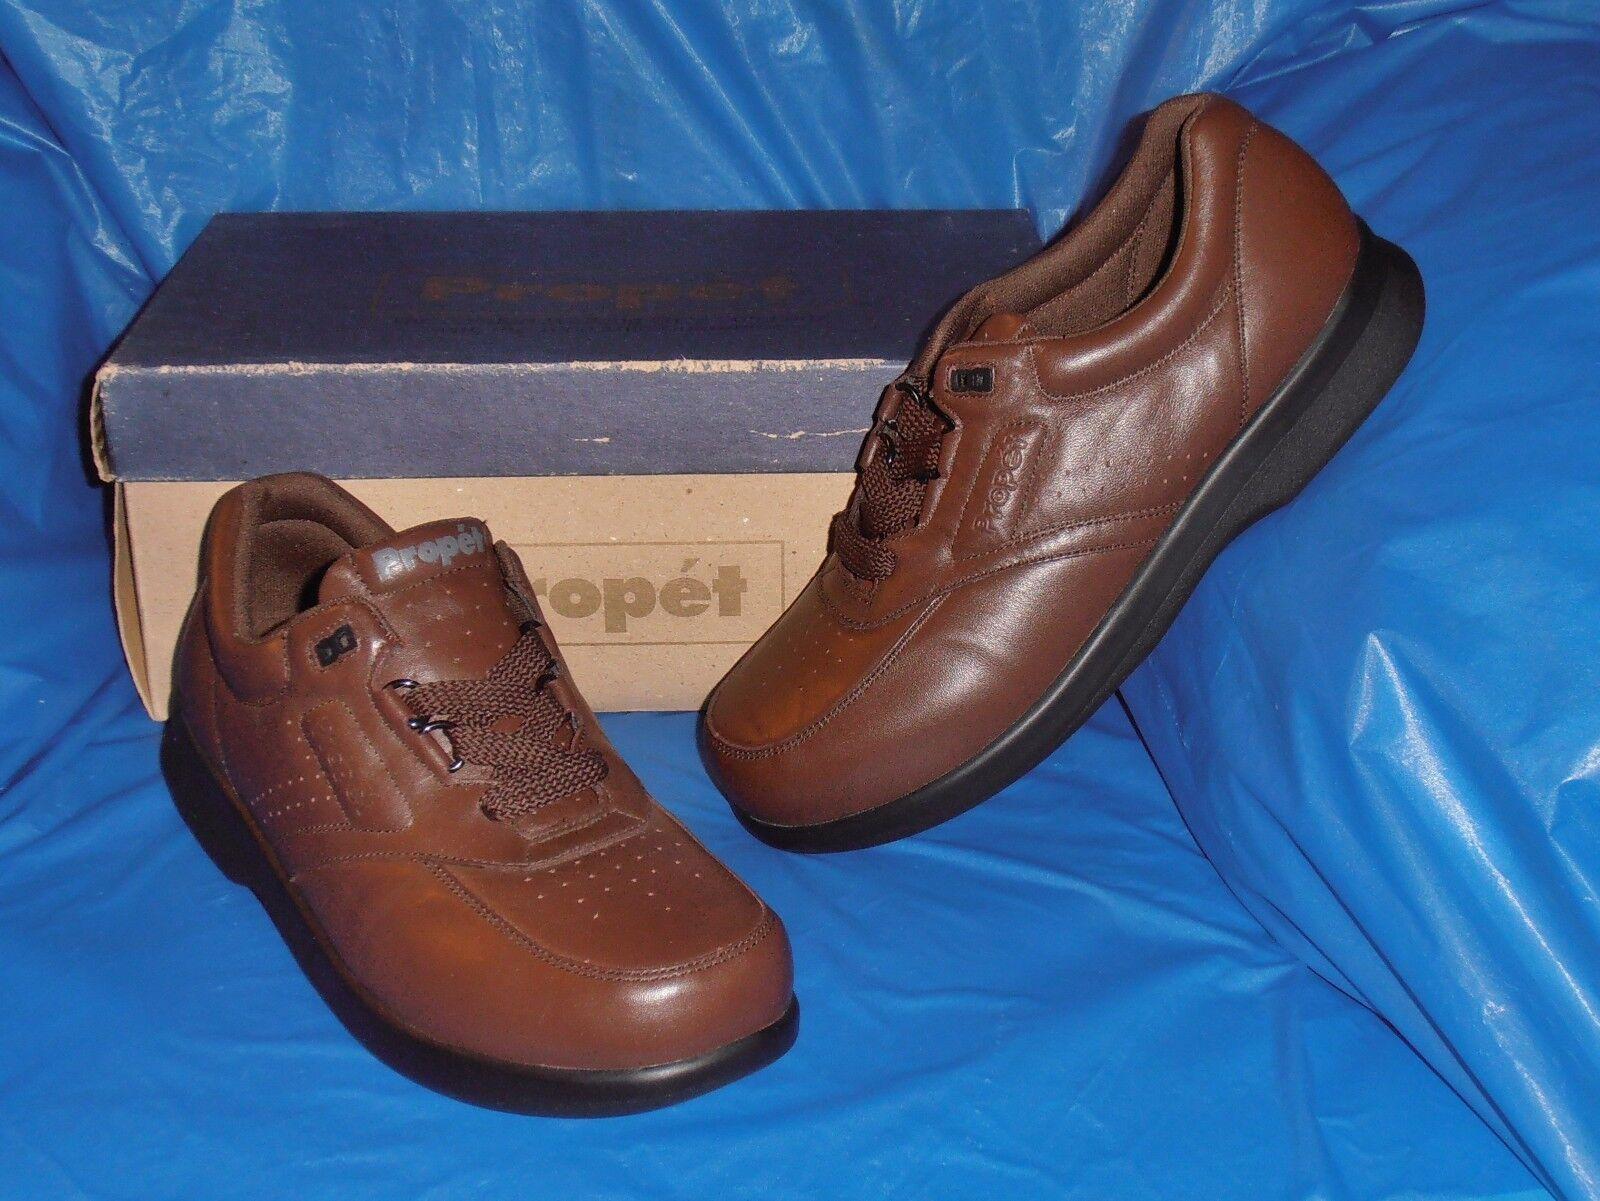 Propet, Uomo Brown Lite Comfort Walking shoe. 9 1/2  M